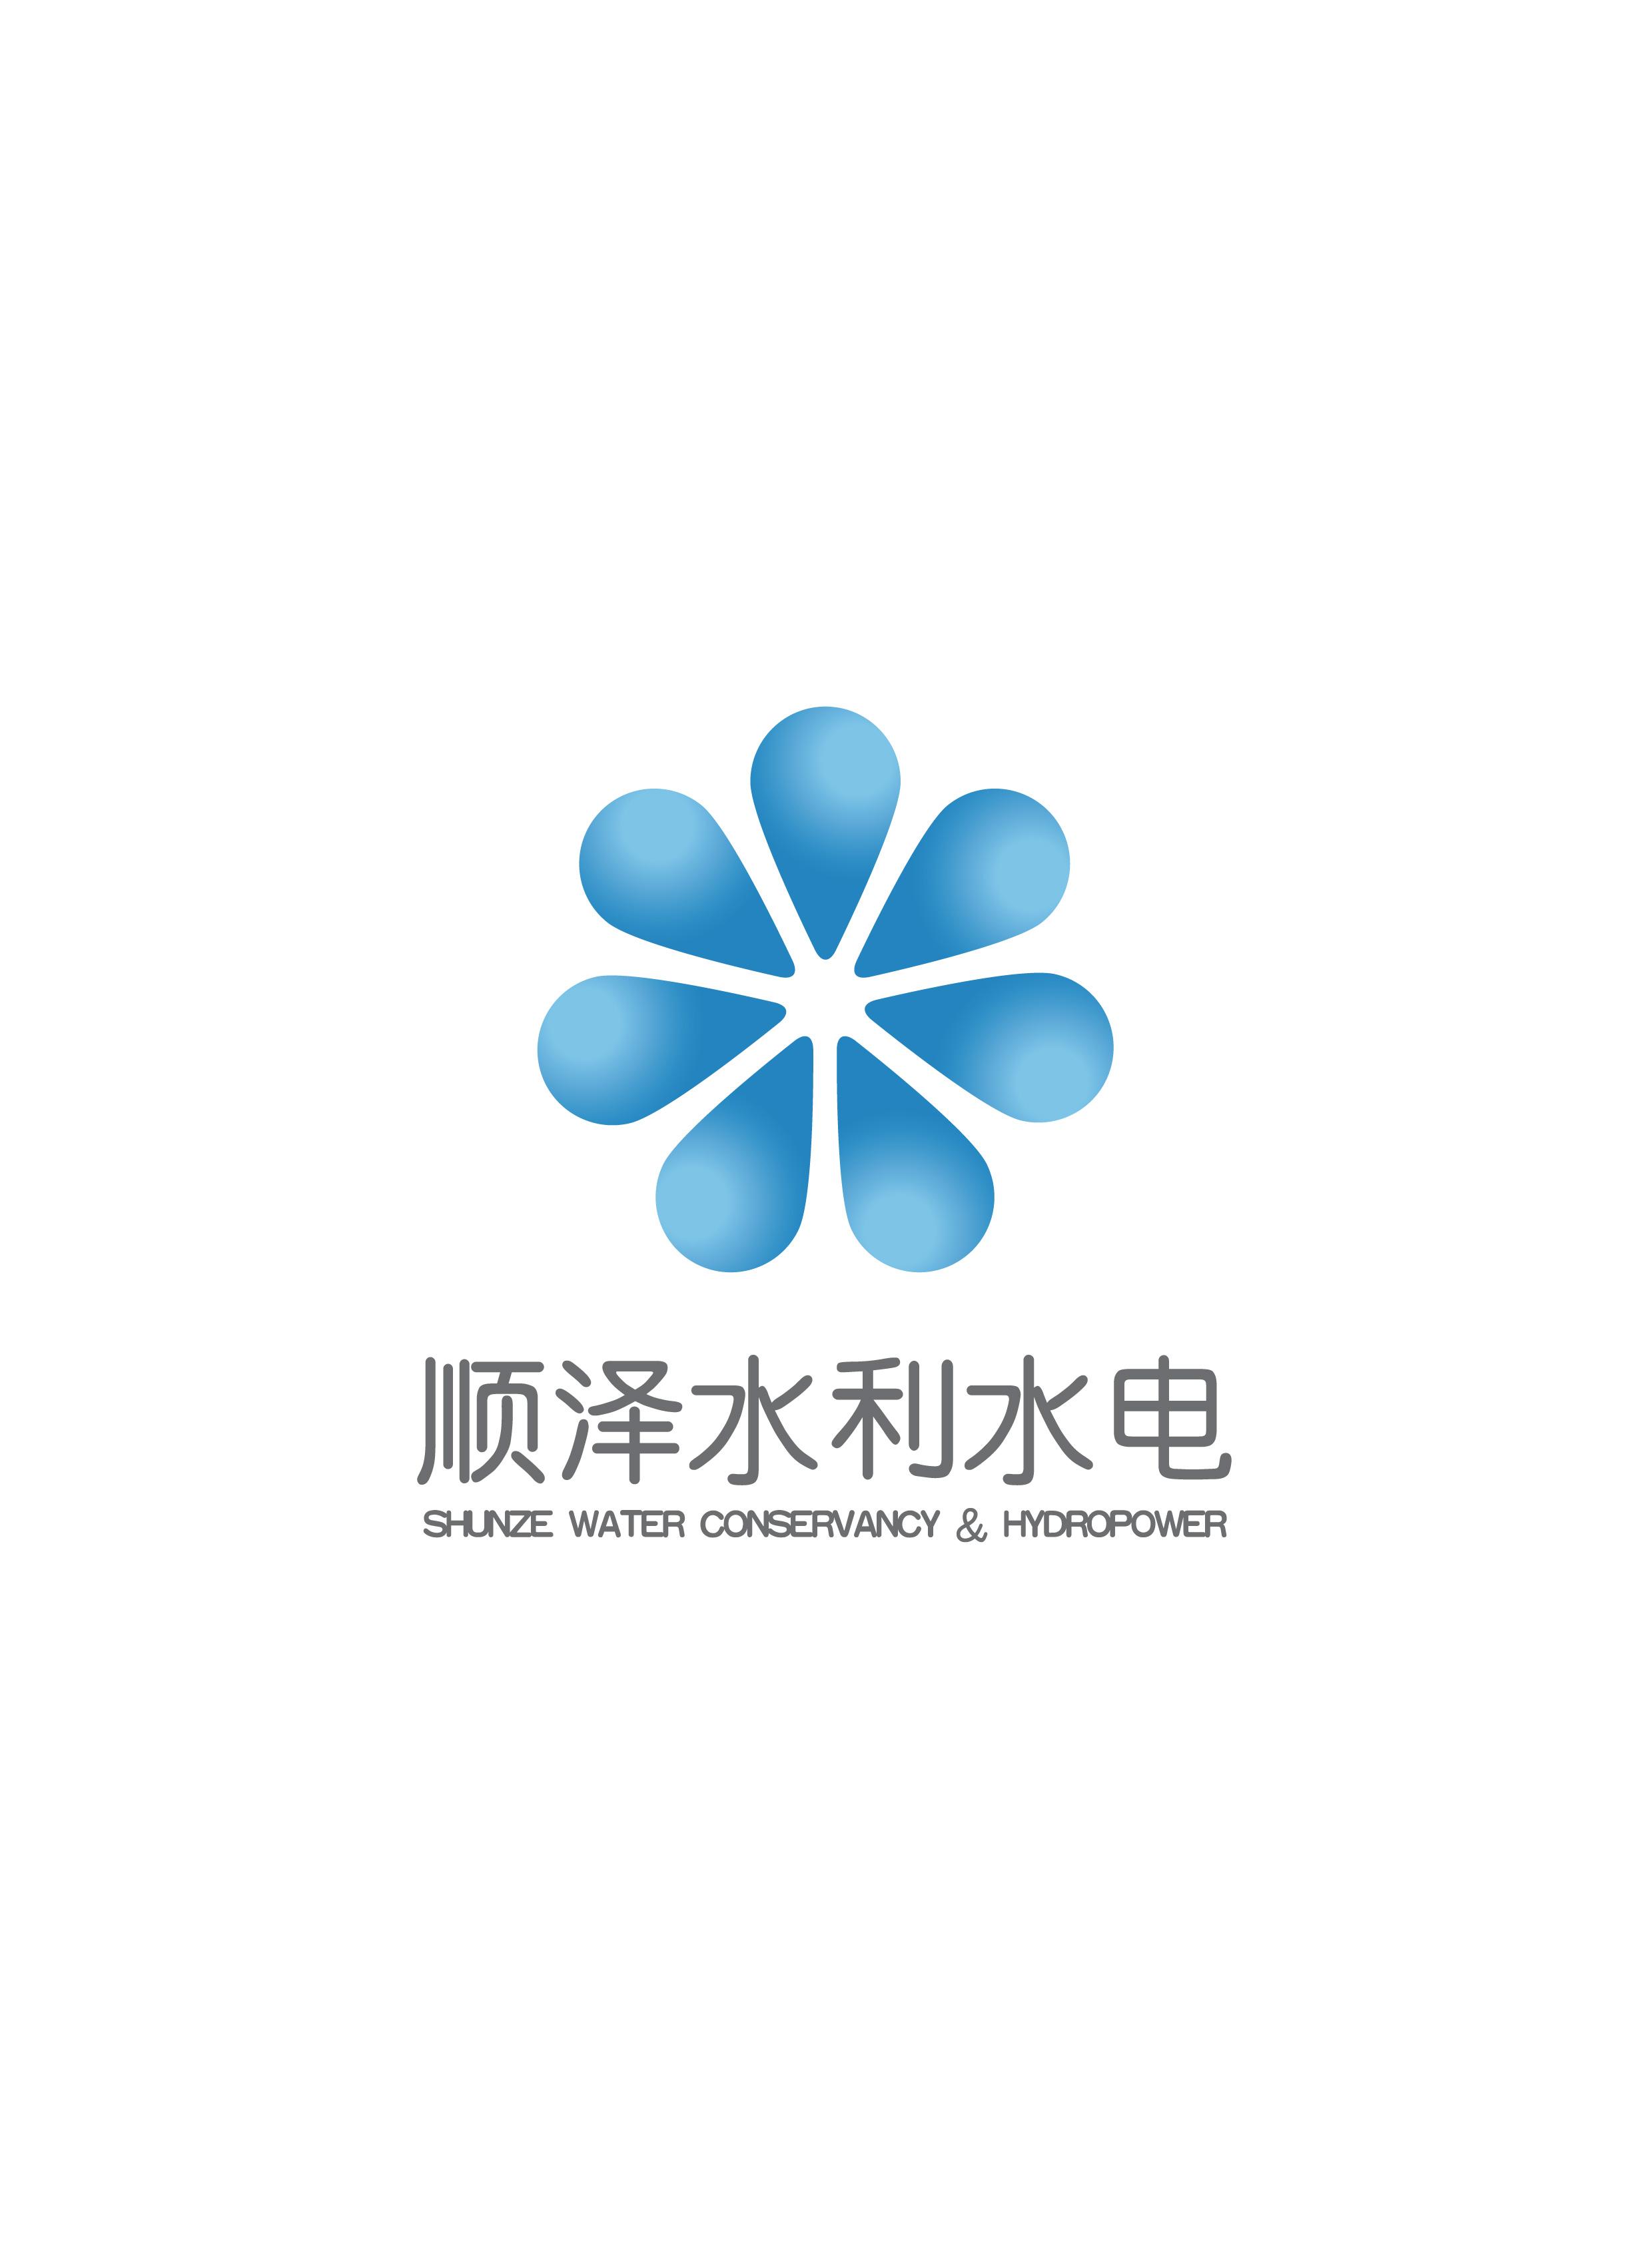 杭州顺泽水利水电工程设计有限公司最新招聘信息